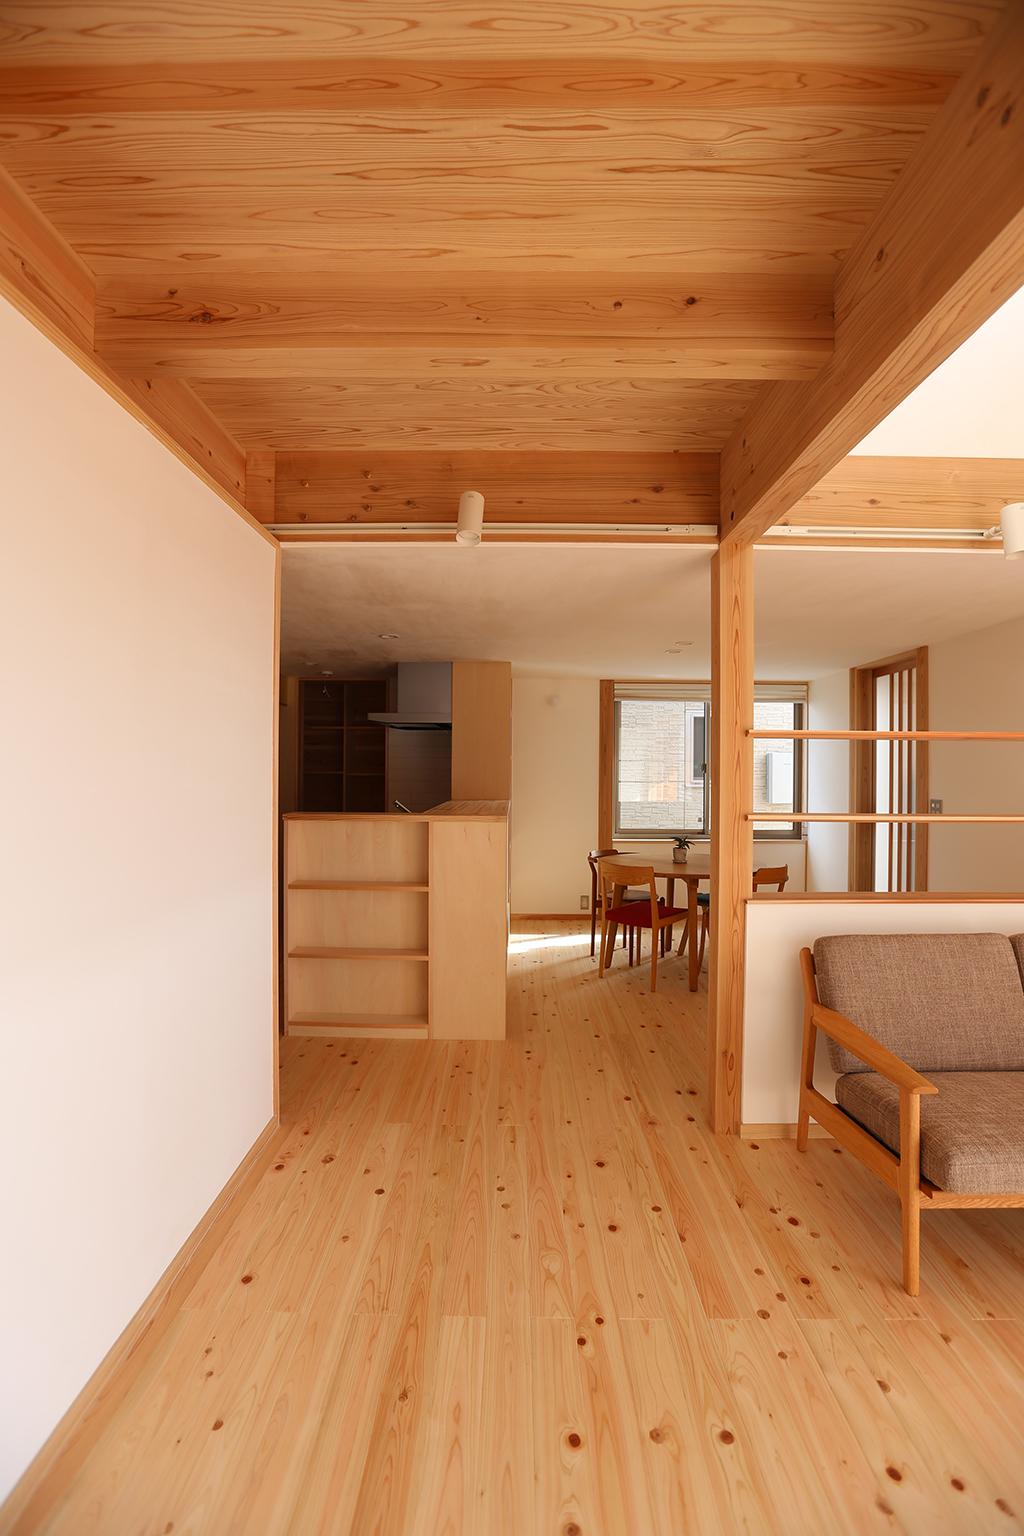 姫路市の木の家 ひろびろLDK